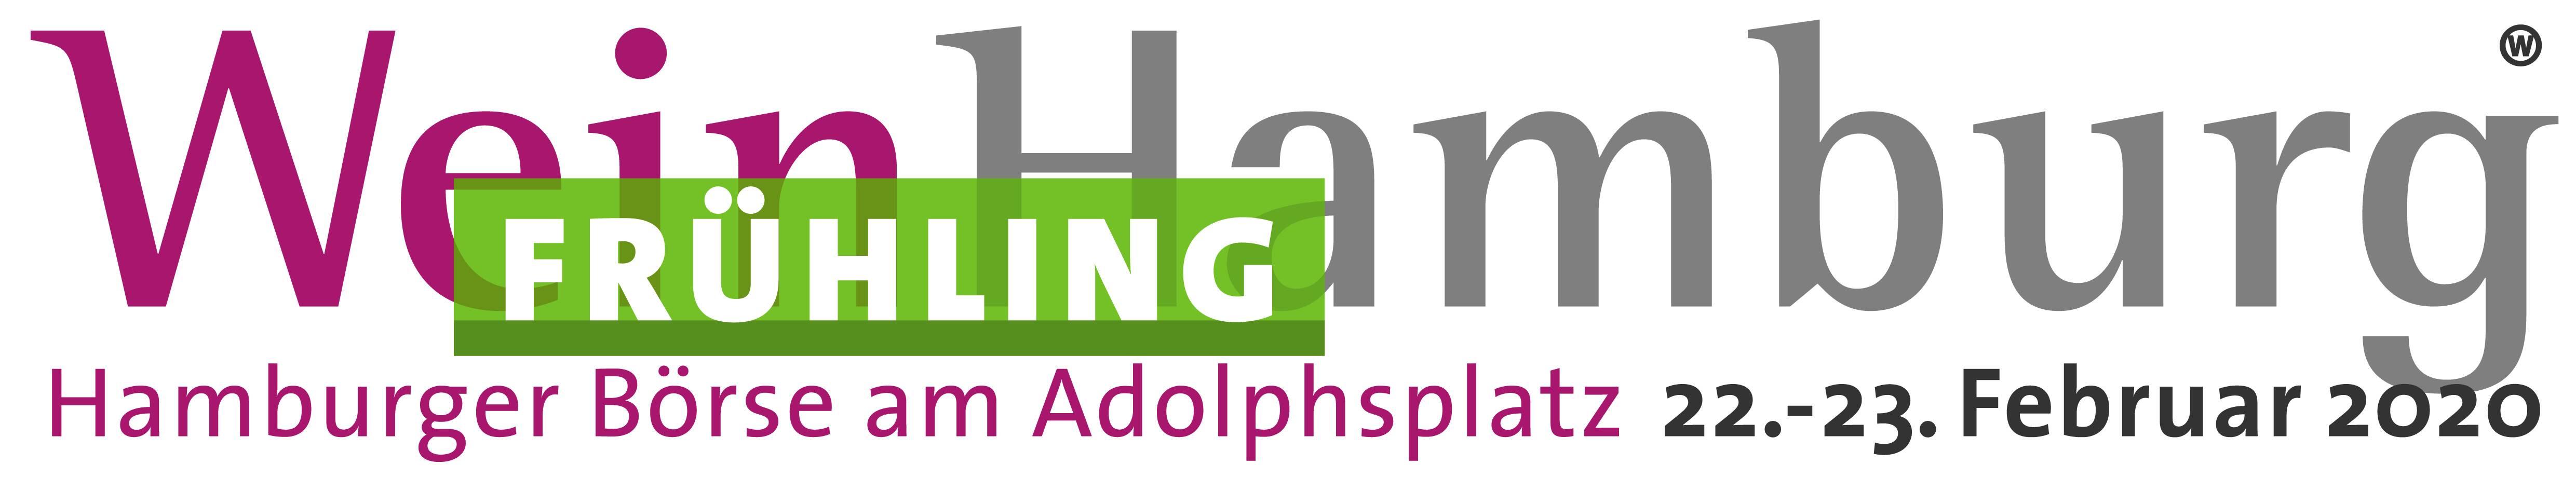 WeinHamburg Frühling Logo